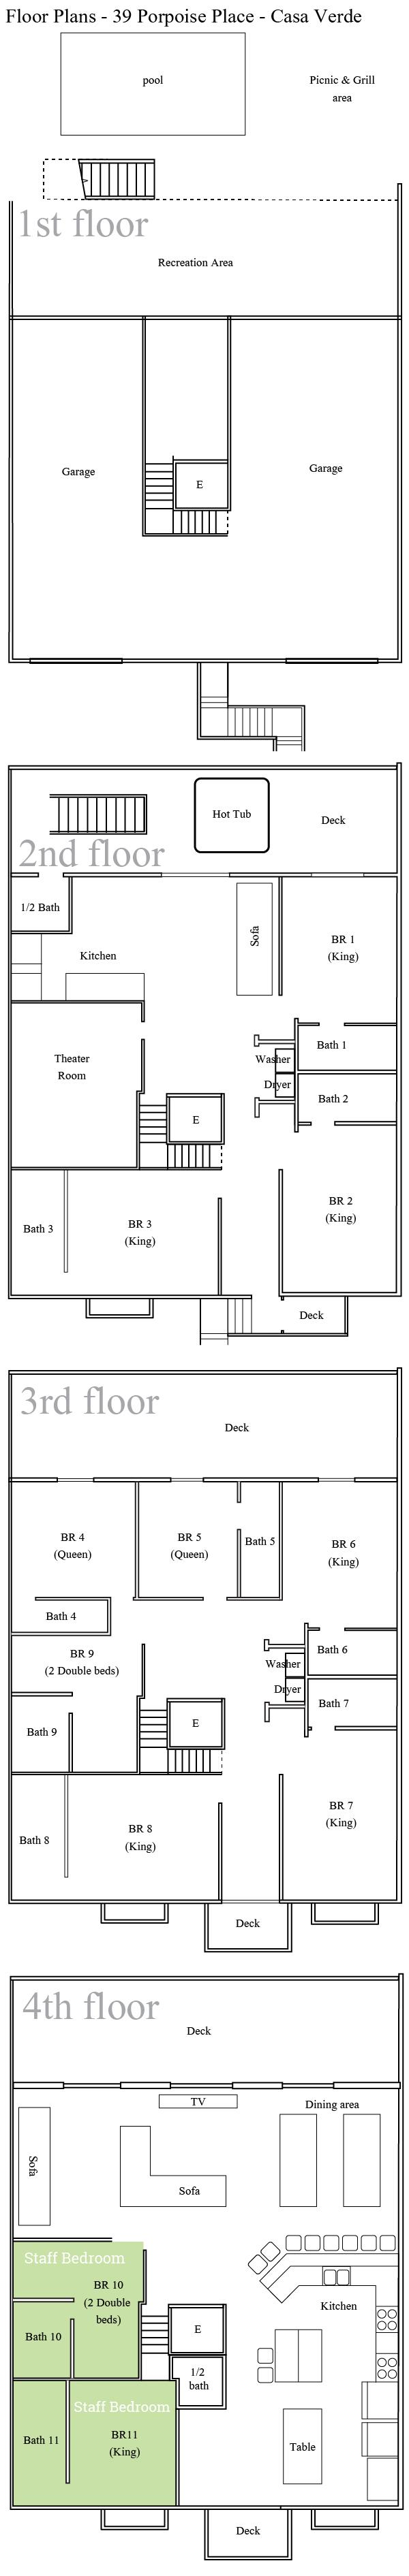 FloorPlans_39_Porpoise_Place_CasaVerde